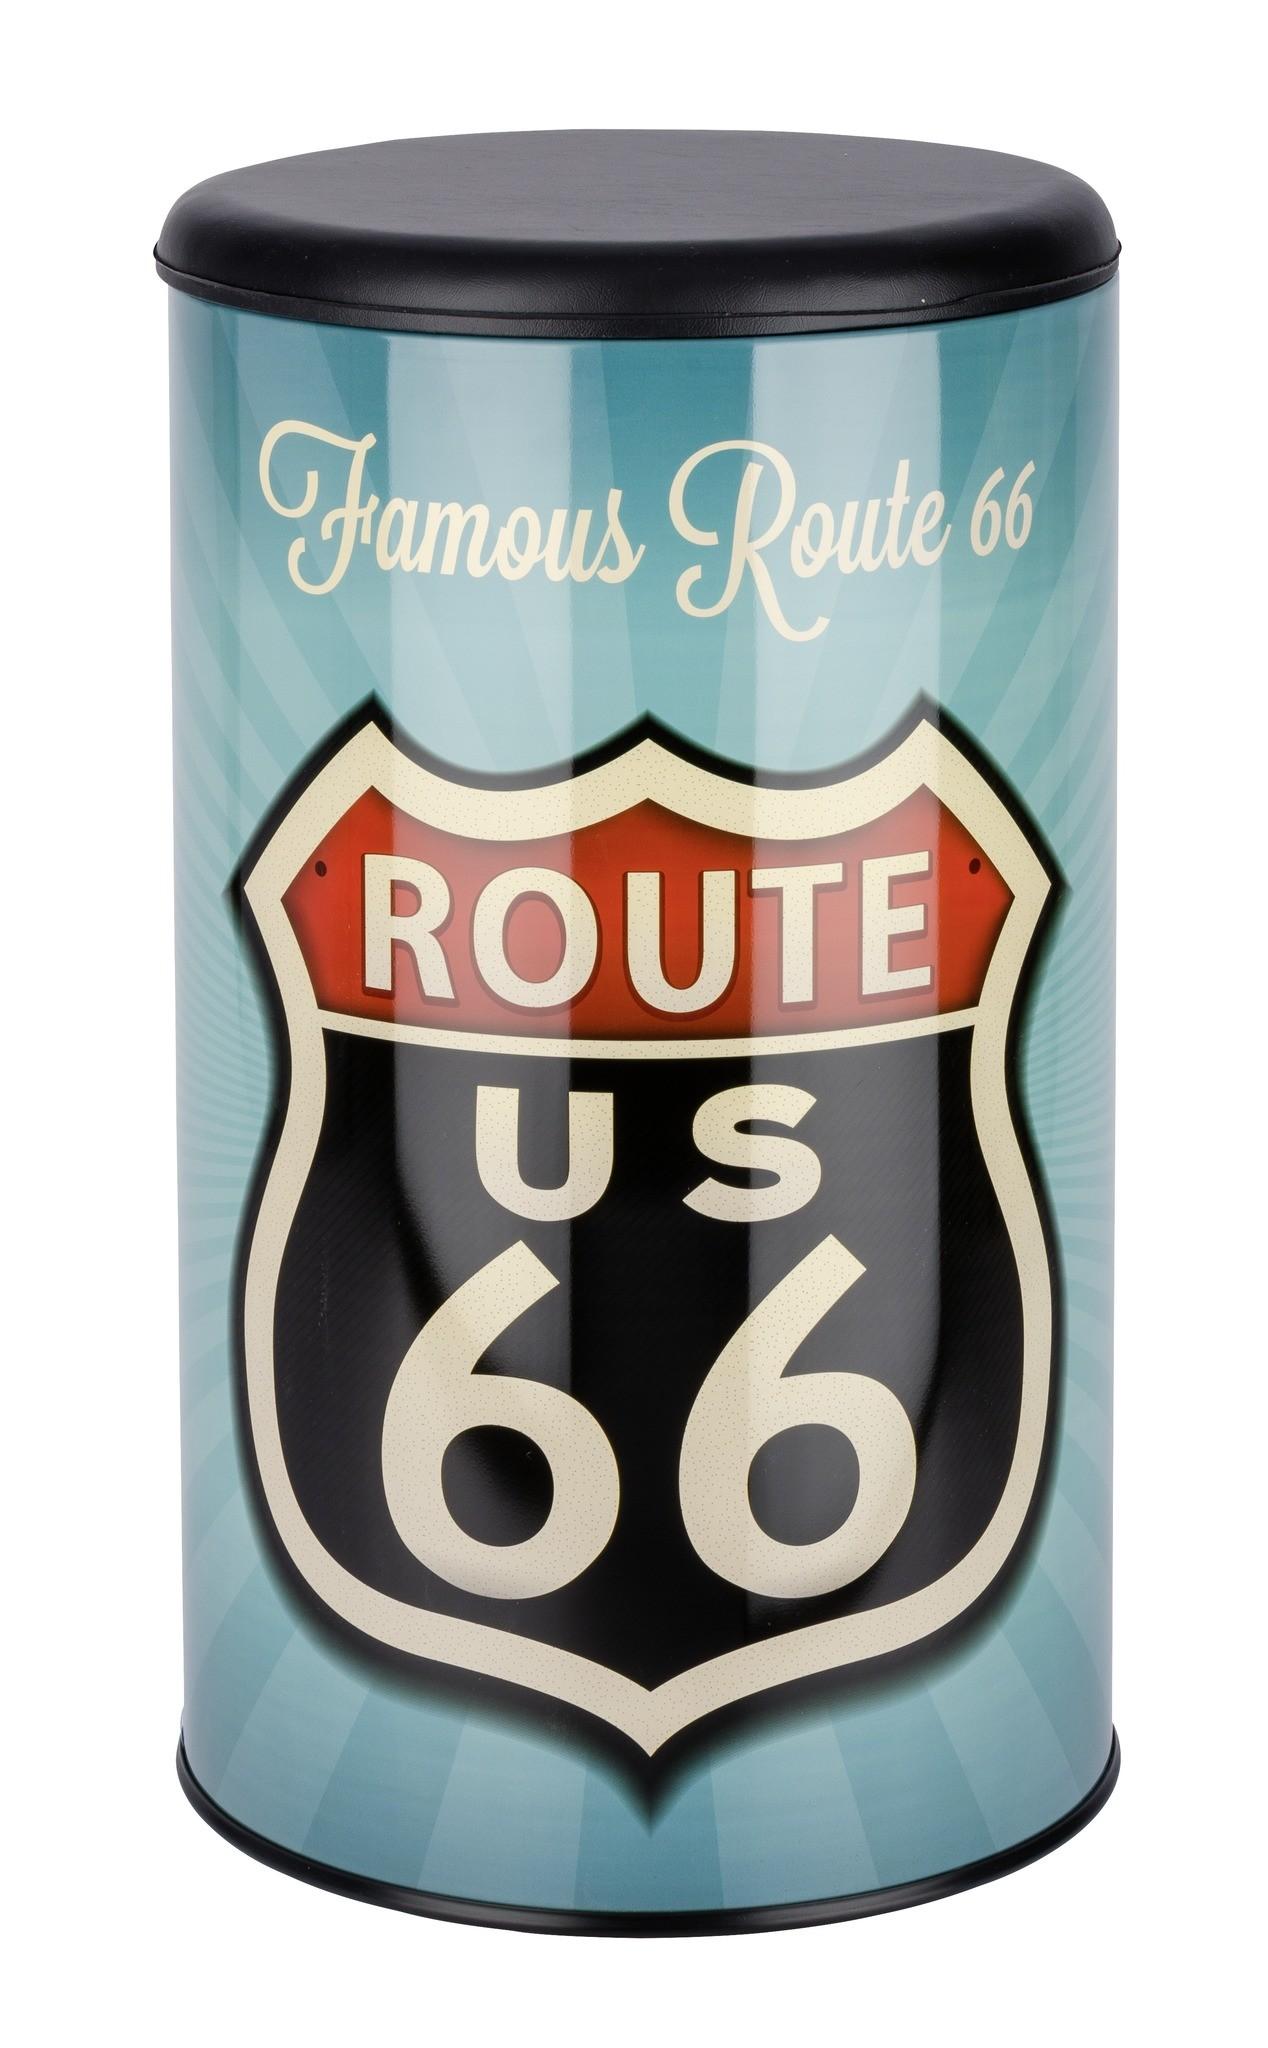 Wäschetruhe Vintage Route 66, Badhocker